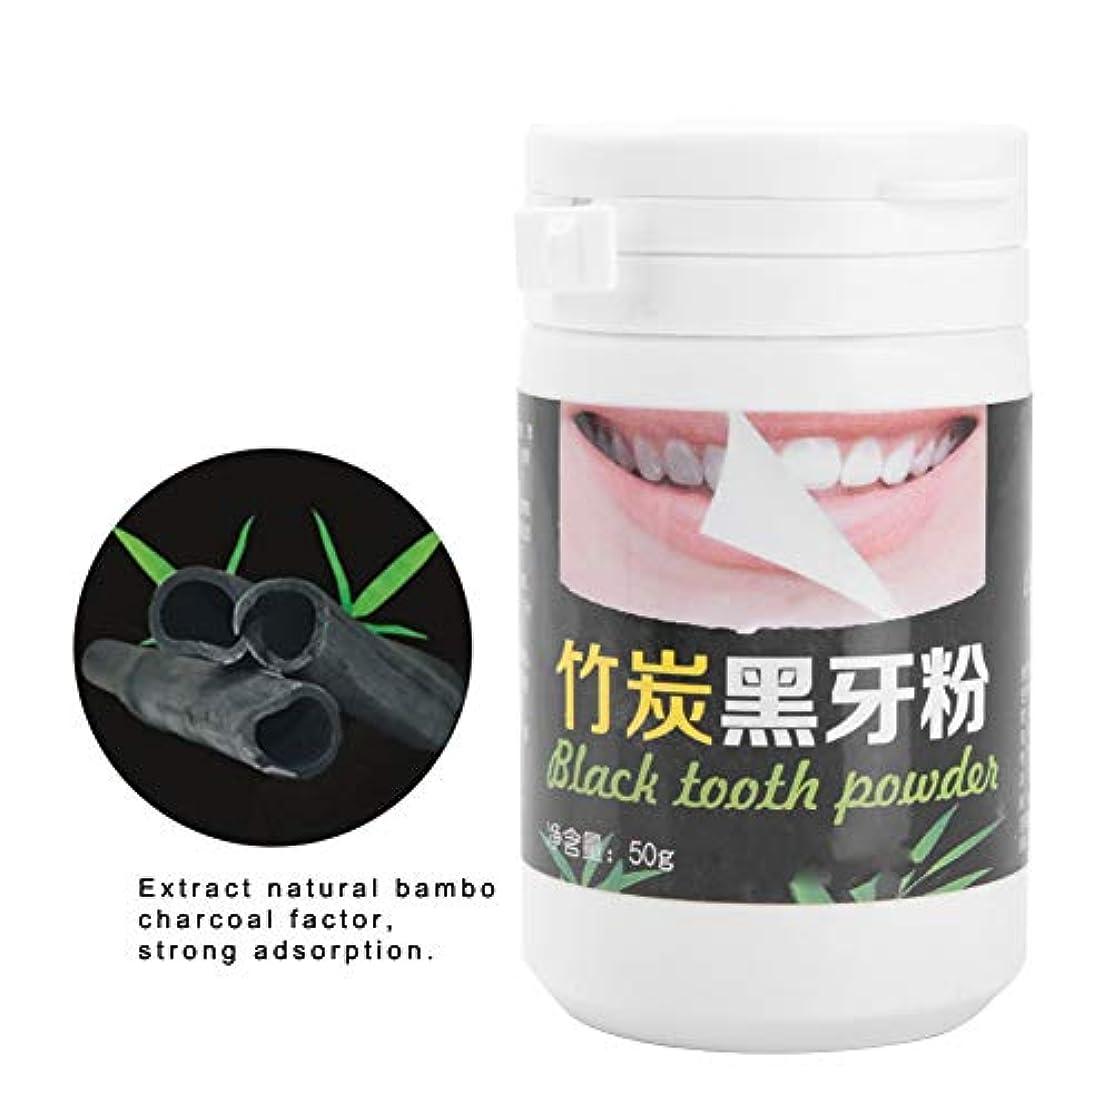 麻酔薬社員不正直歯の手入れをする有効な汚れの除去剤 - 汚れの除去剤の粉を白くする口腔歯の心配の自然な活動化させた木炭粉